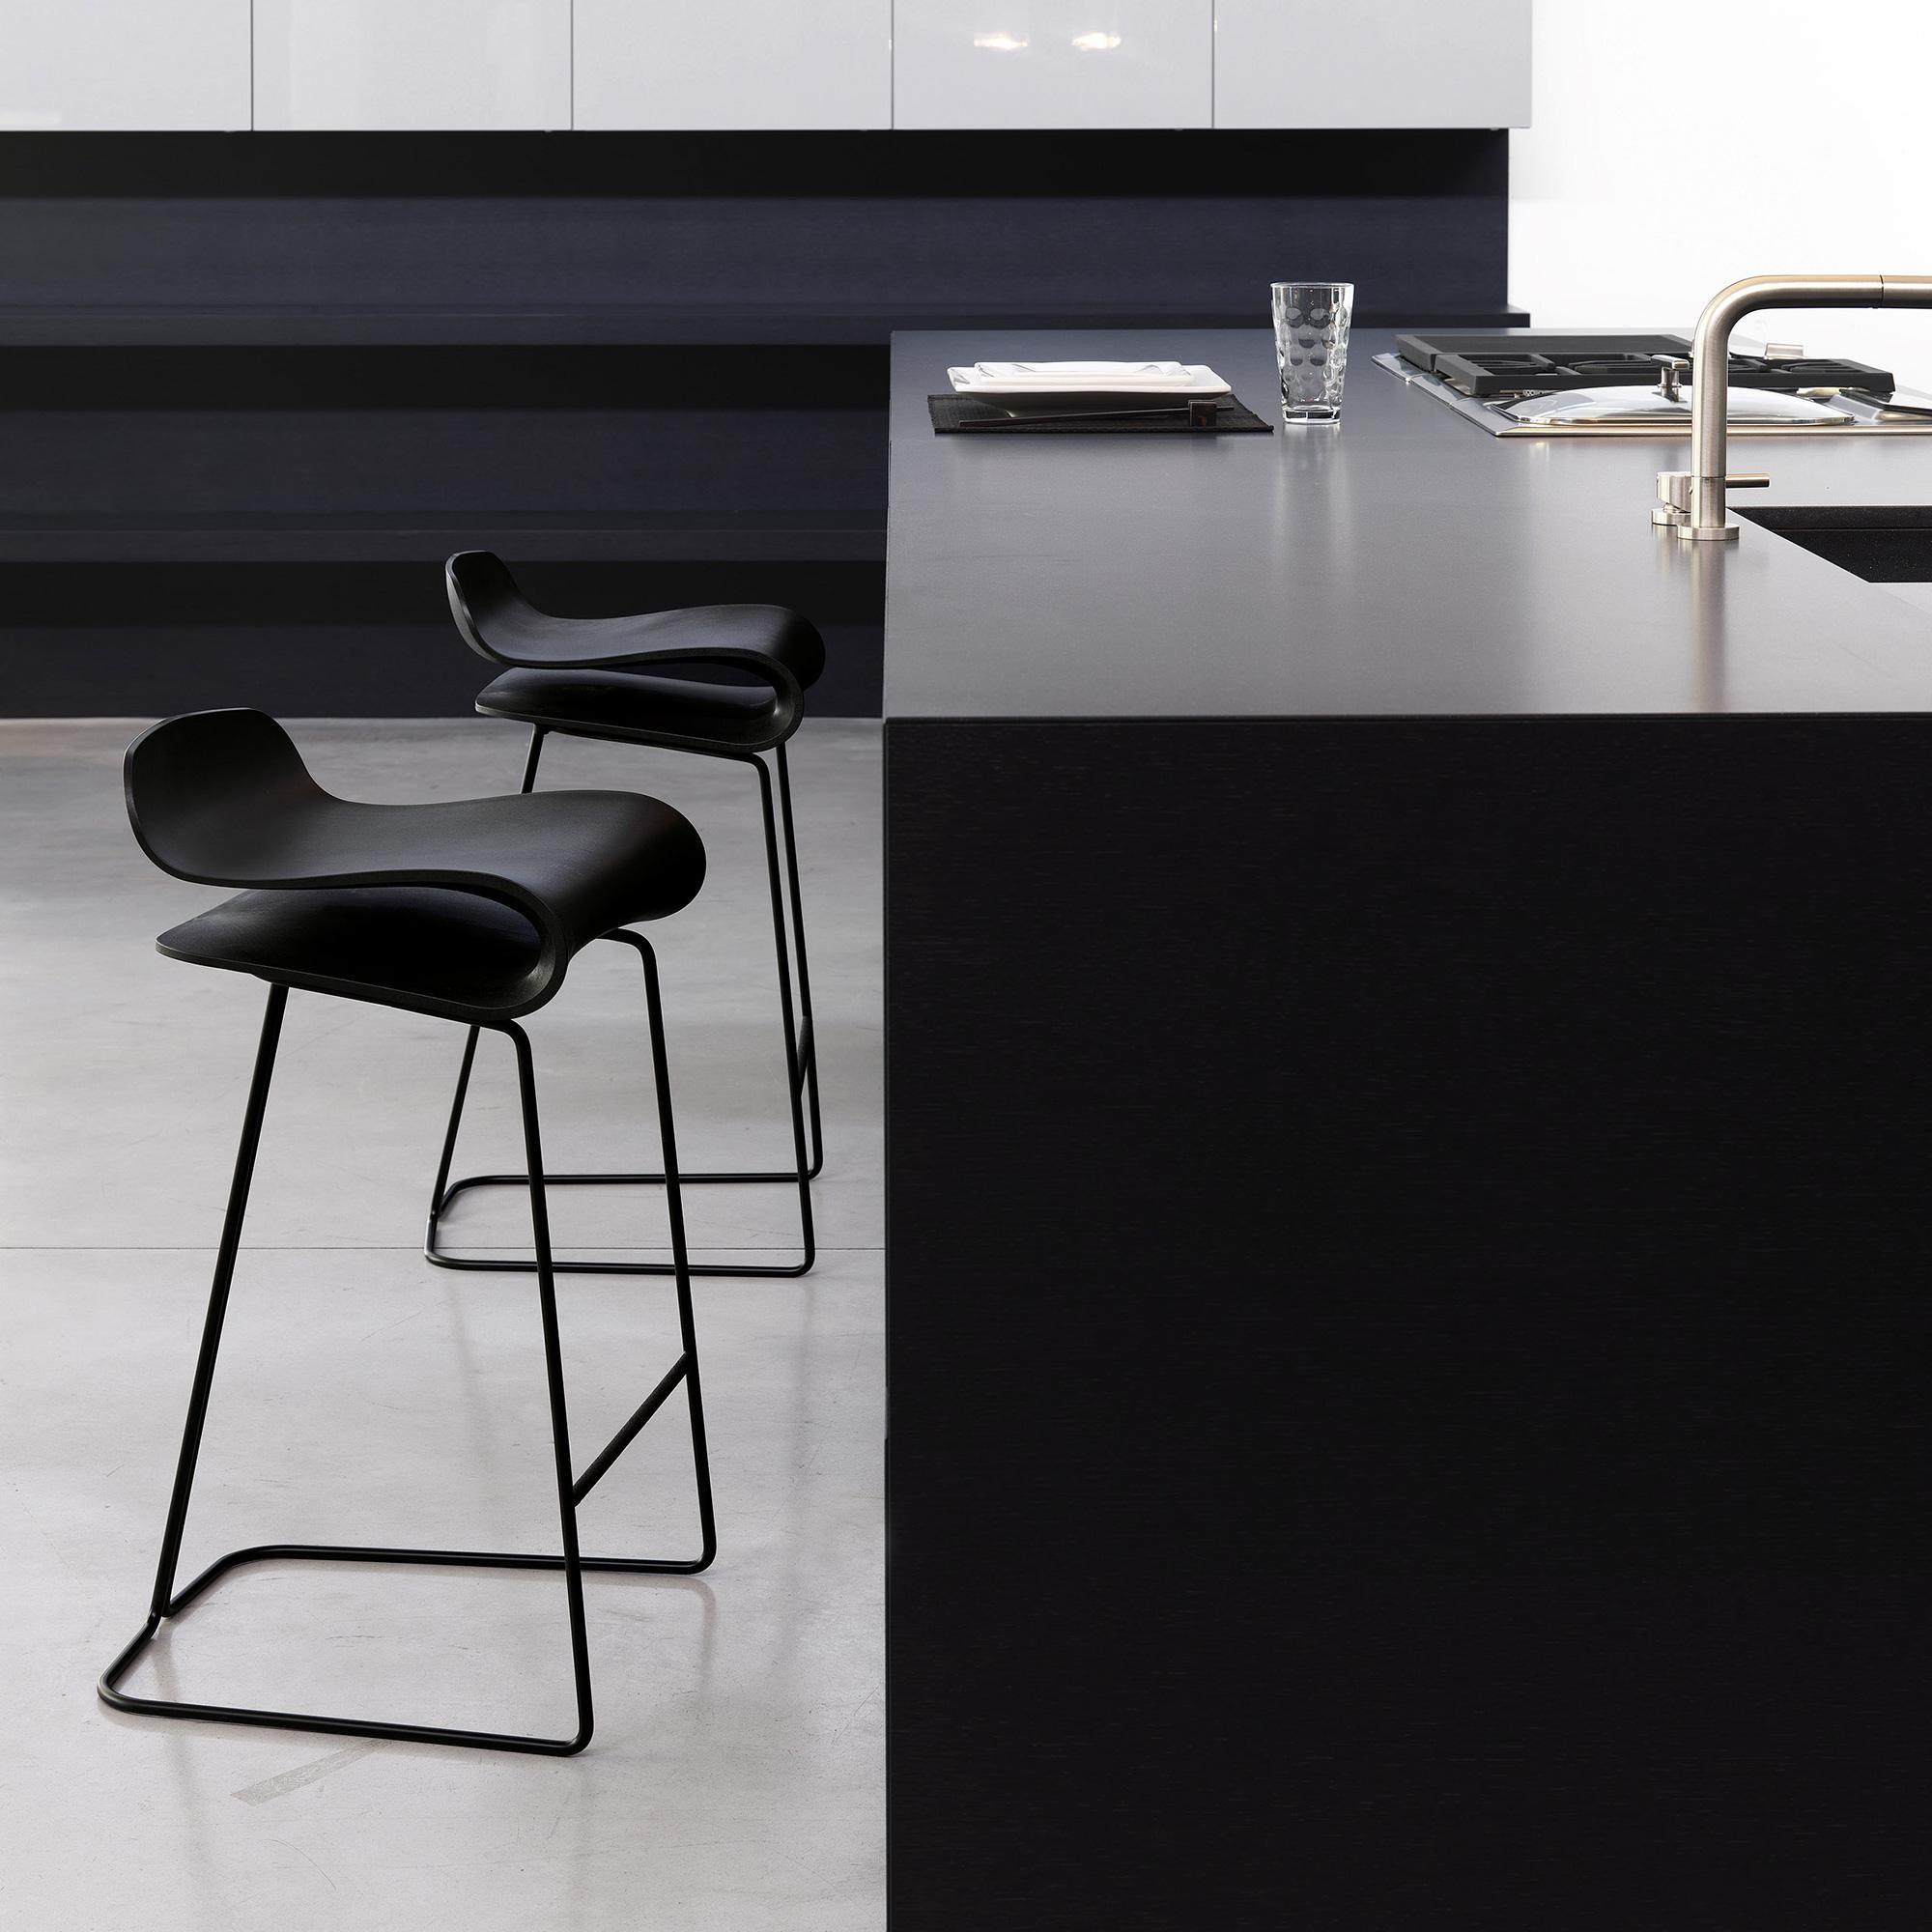 bcn stool bar stool